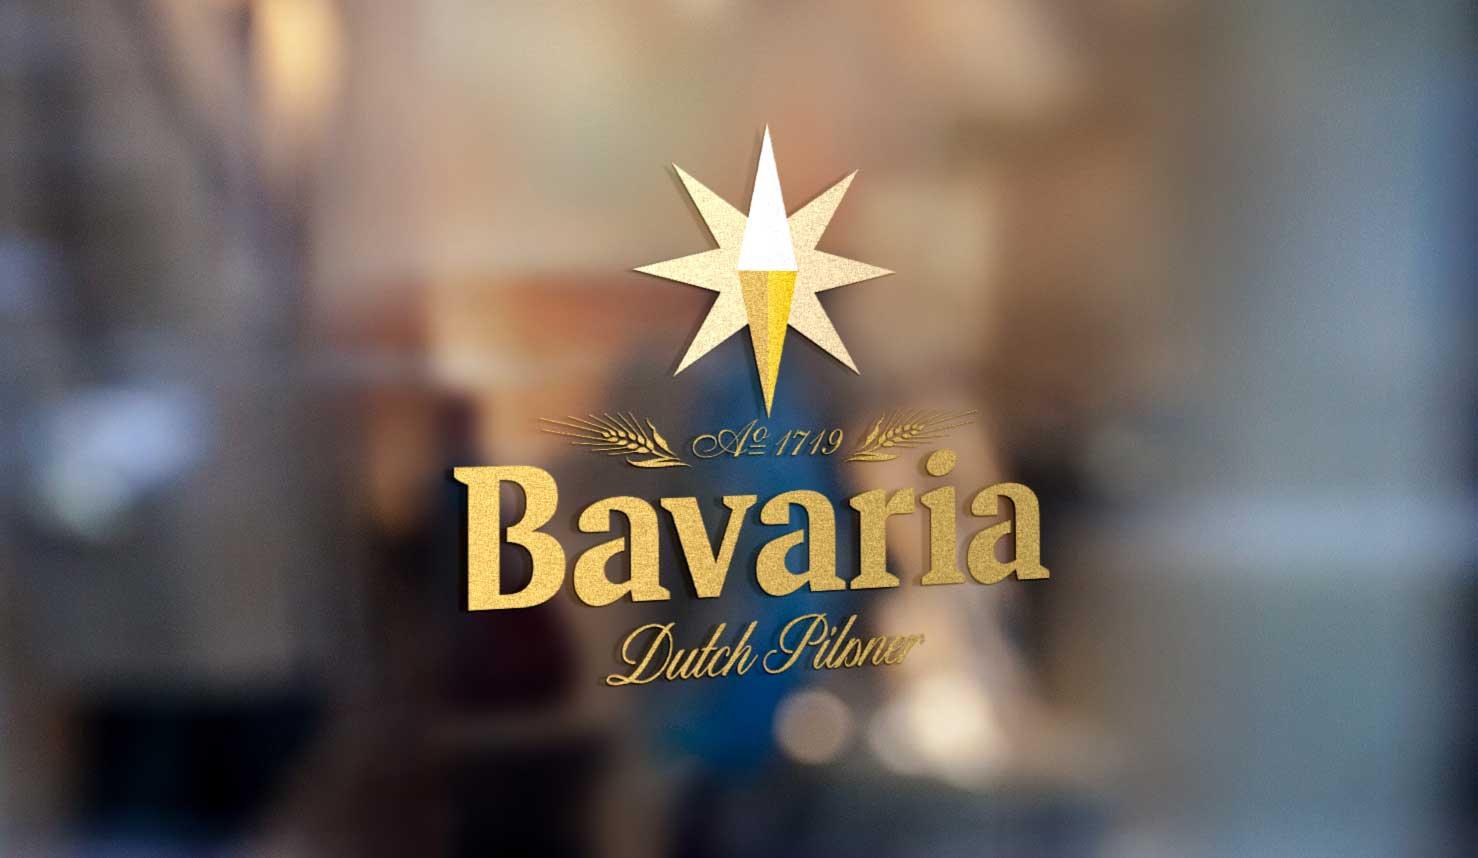 bv-rebrand-2.jpg